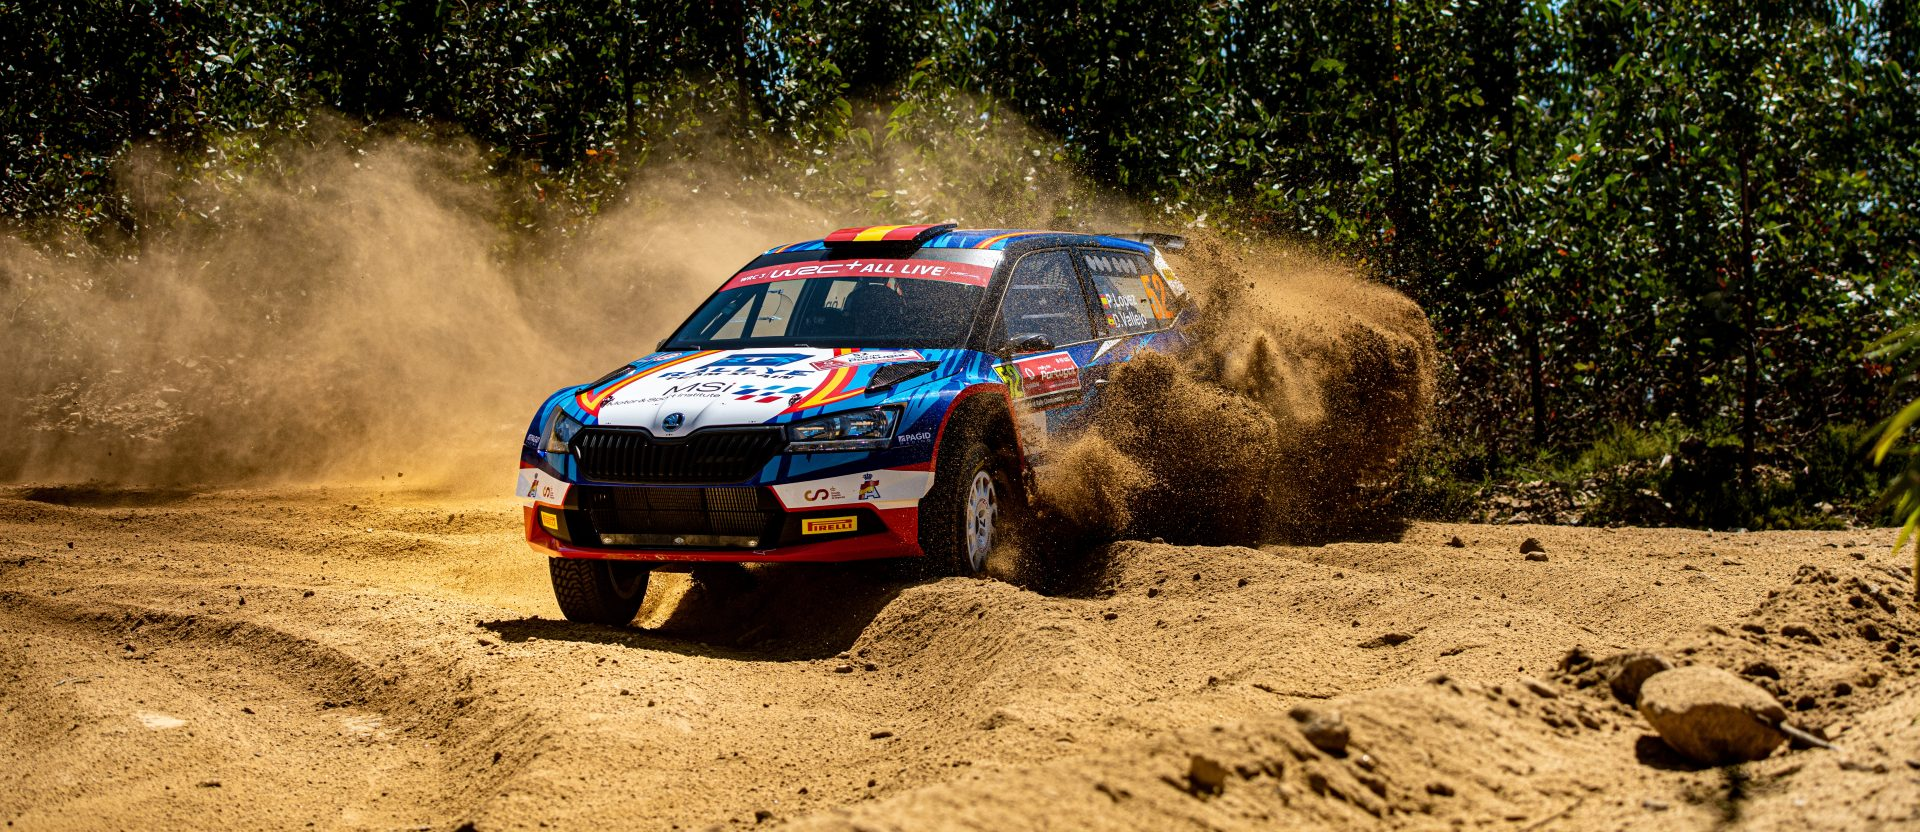 Stáhněte si tapety do mobilu z Rally de Portugal